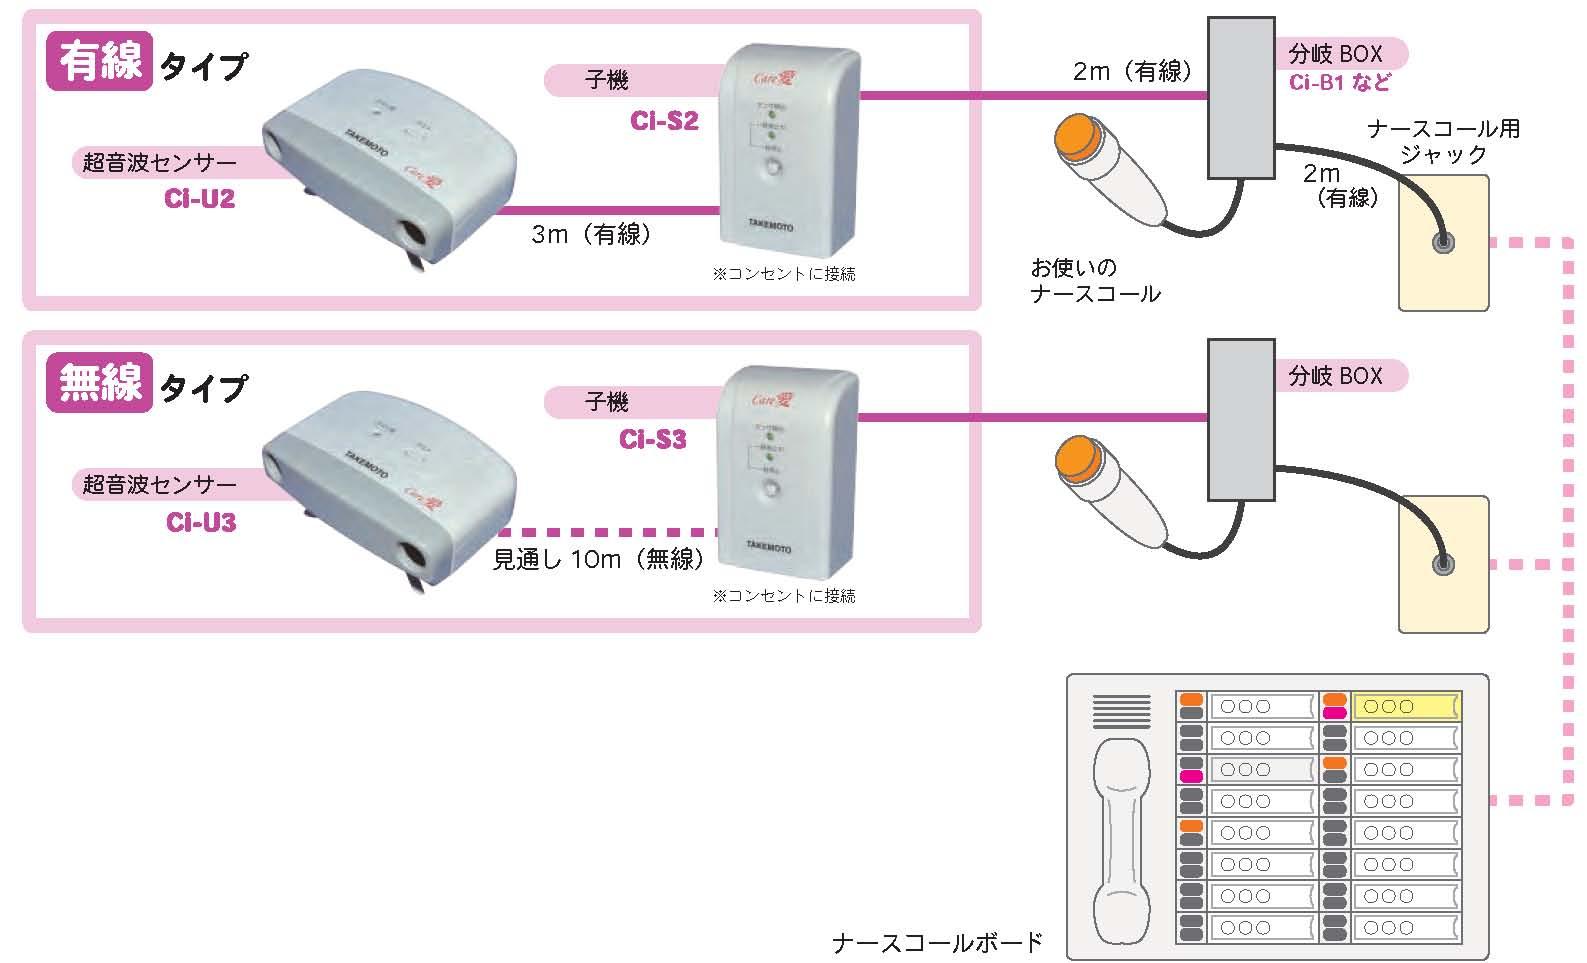 センサーを気にする方に最適、ナースコール連動型の超音波センサー